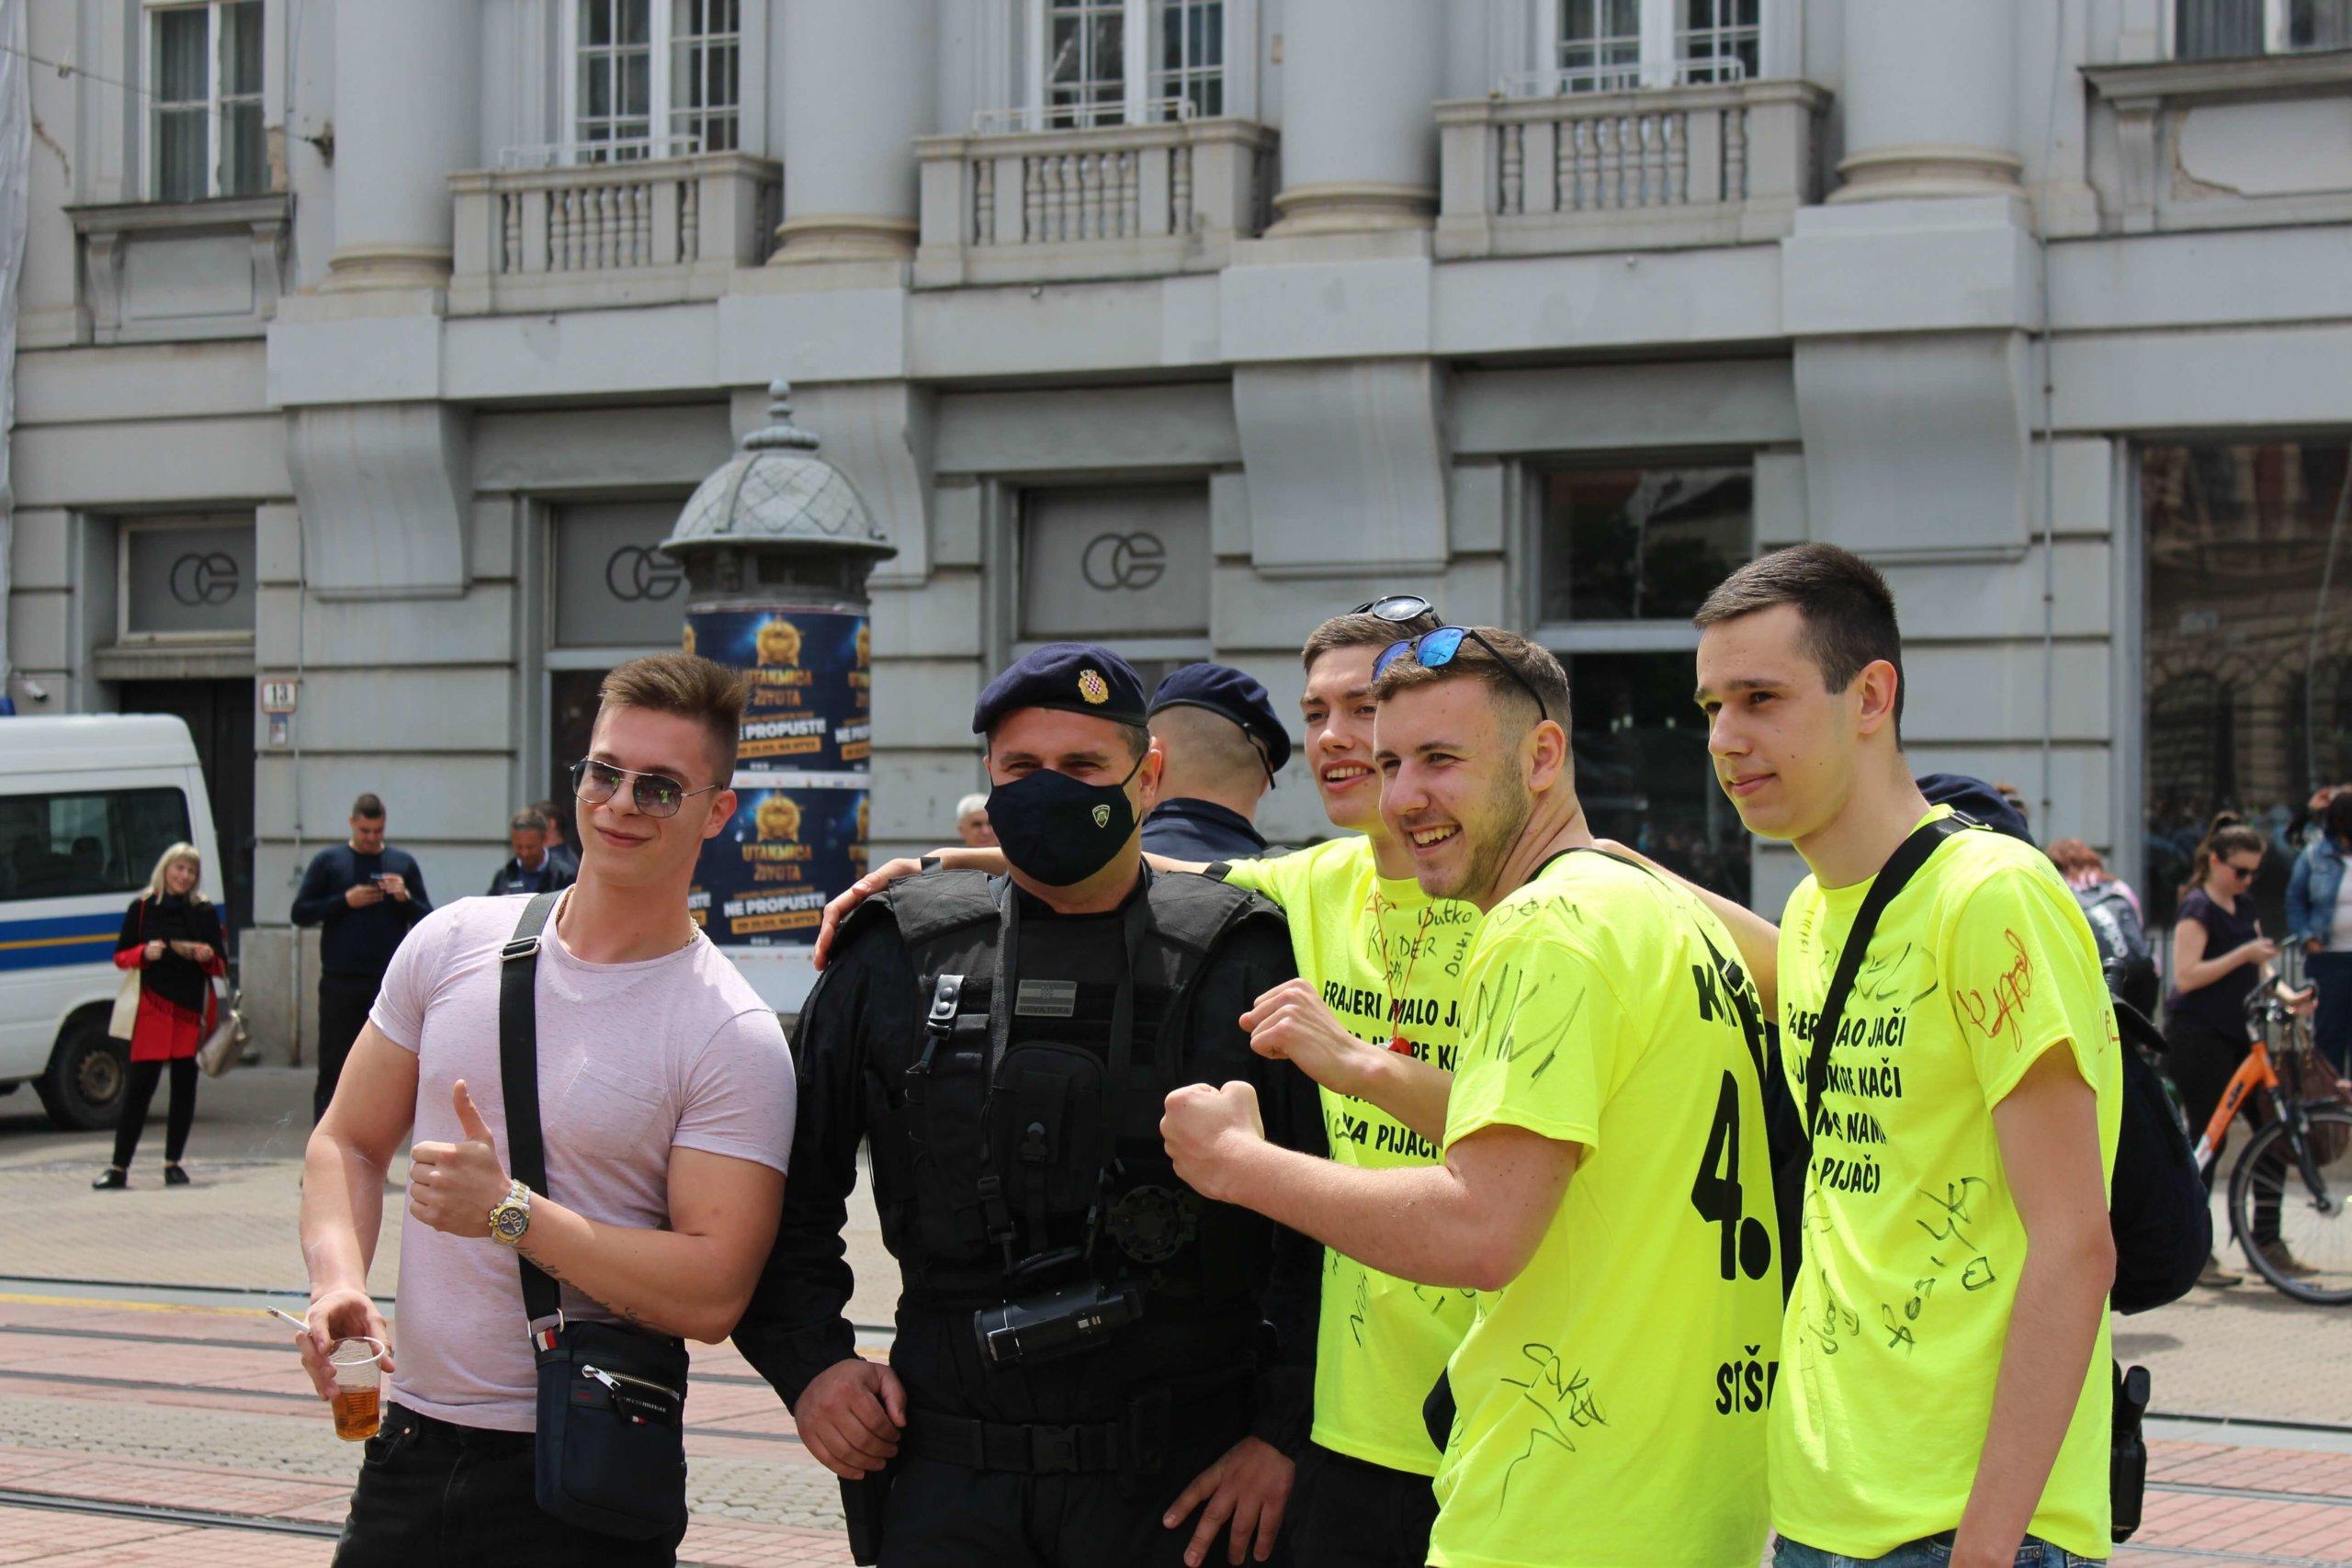 Na jučerašnjoj norijadi u Zagrebu policija privela ukupno 12 maturanata